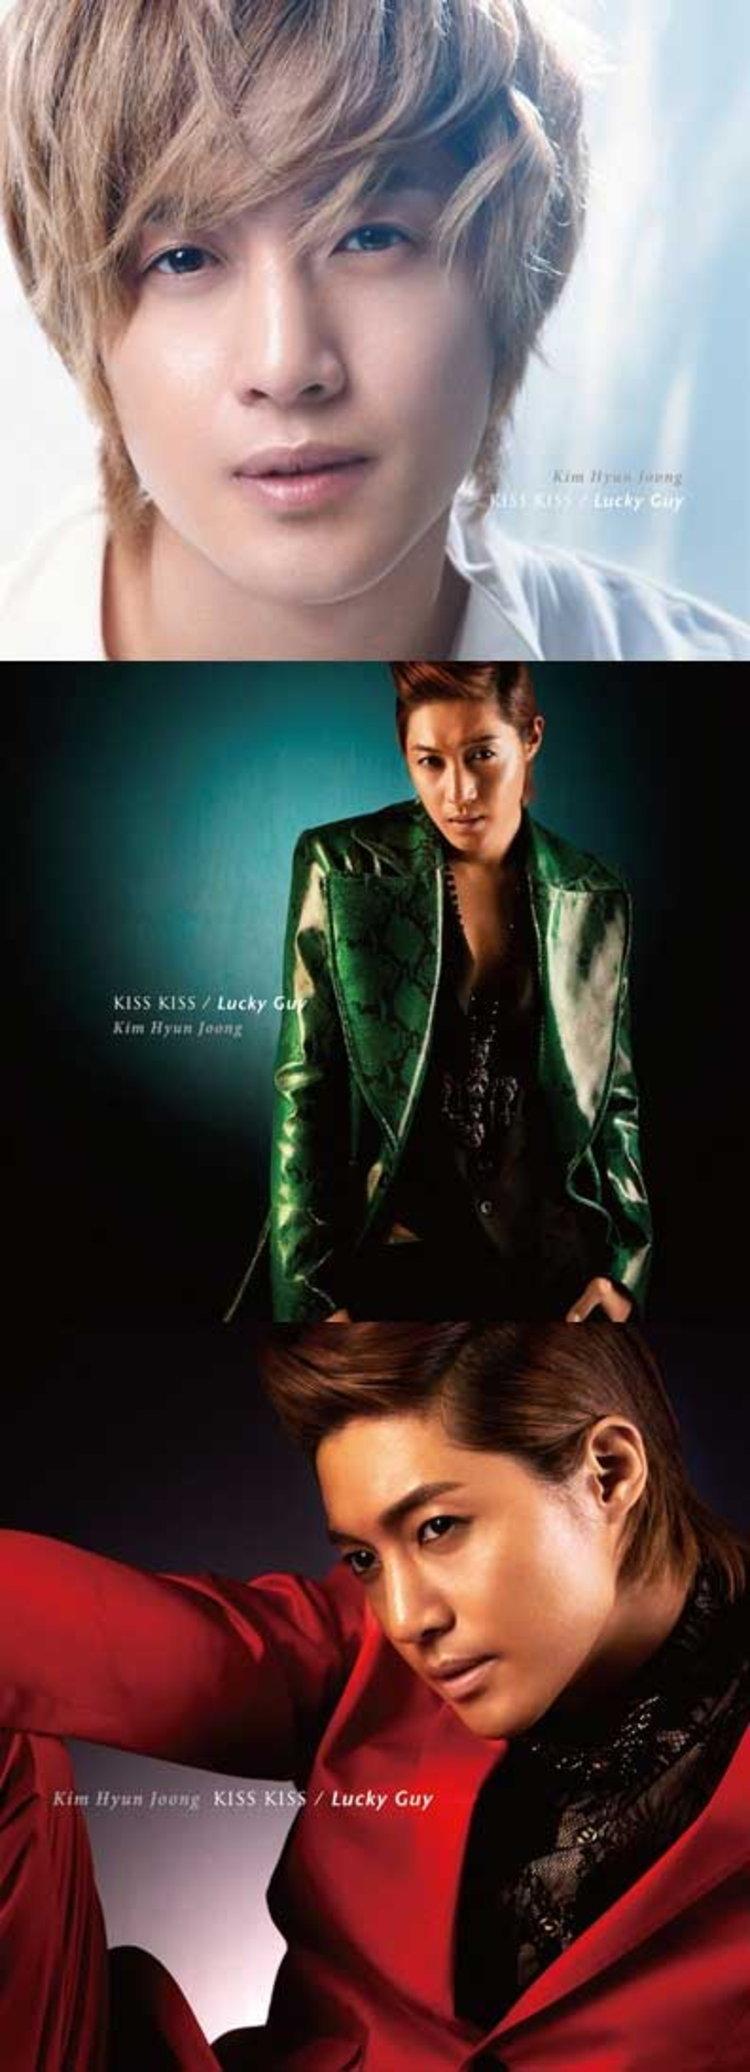 คิมฮยอนจุง (Kim Hyun Joong) เผยภาพแจ็คเก็ตอัลบั้มเดบิวในญี่ปุ่น